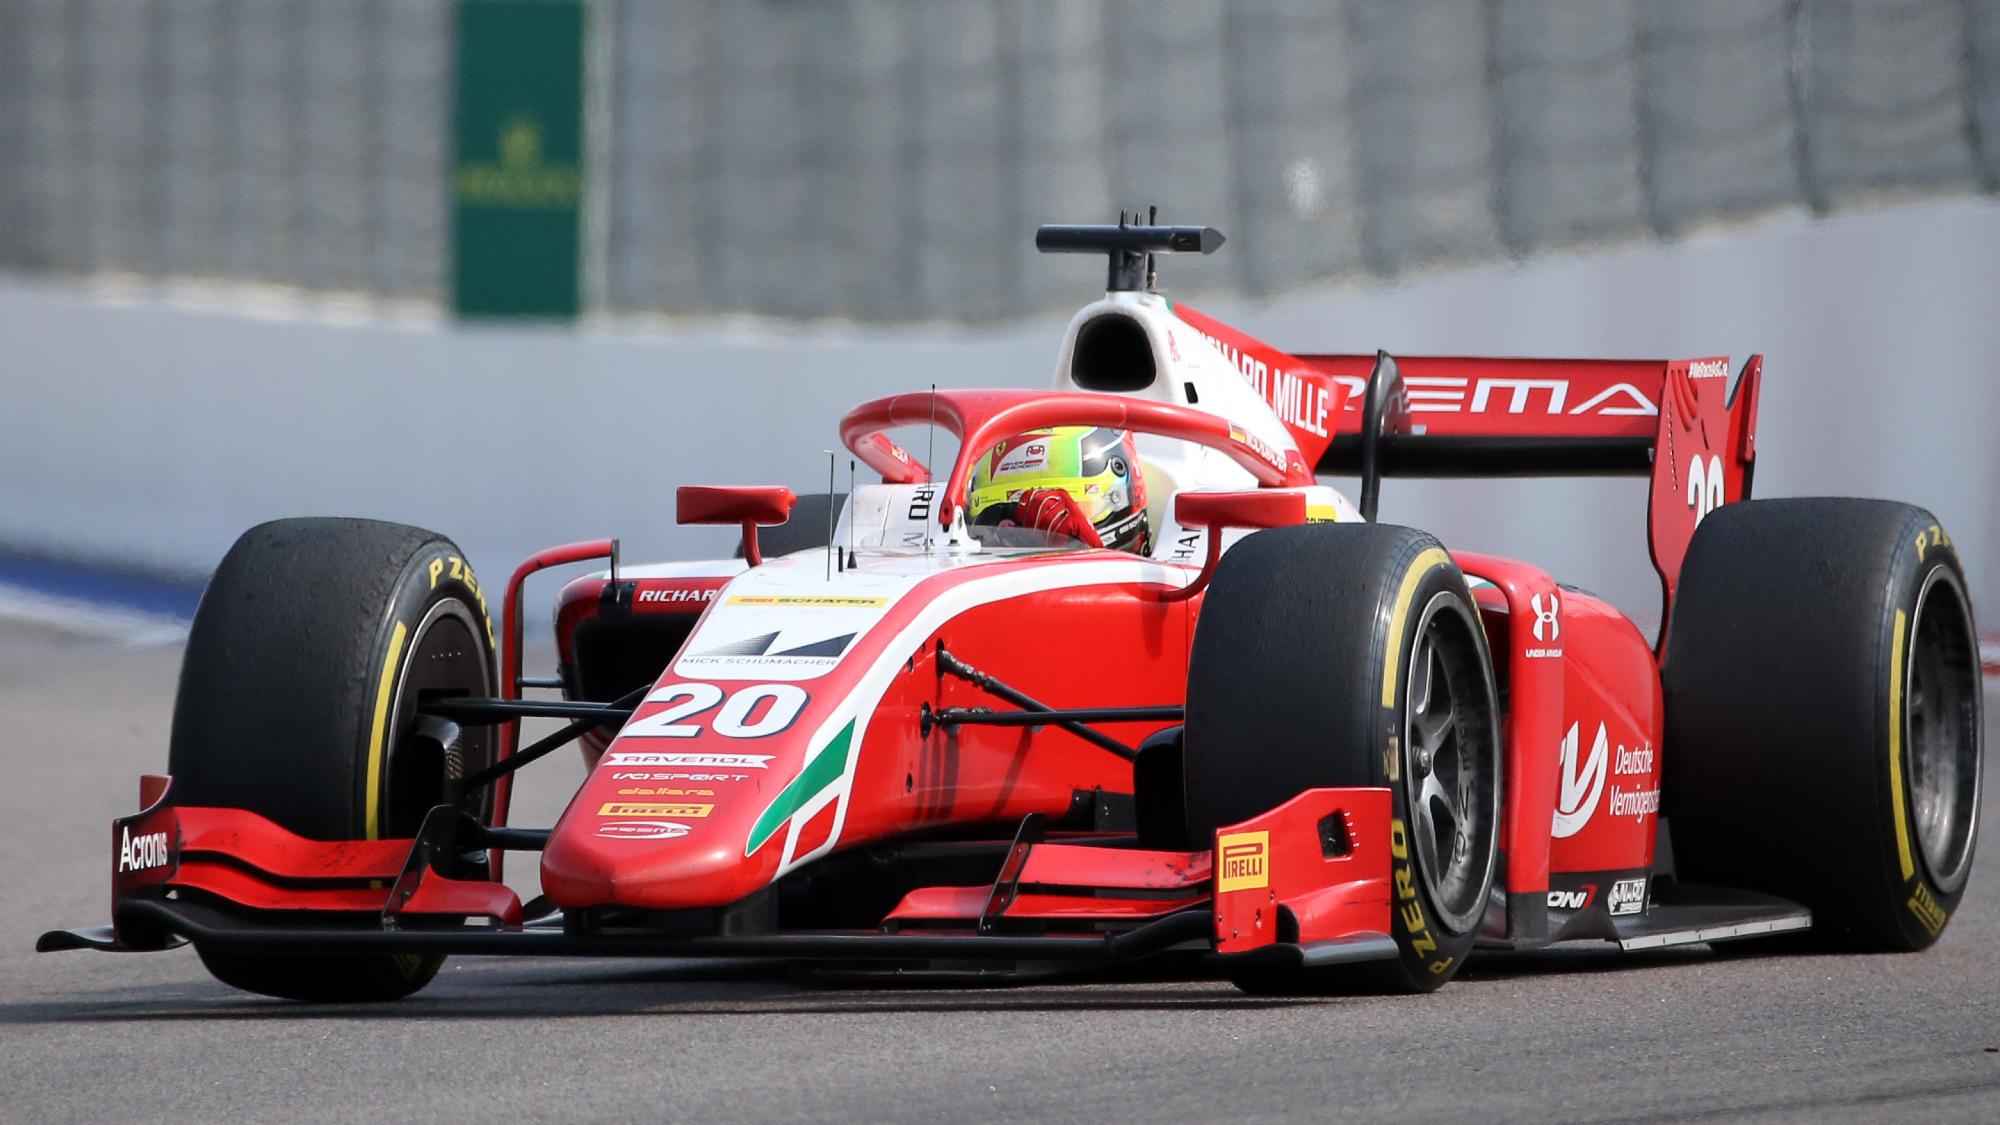 Mick Schumacher, 2020 Russian Sprint Race